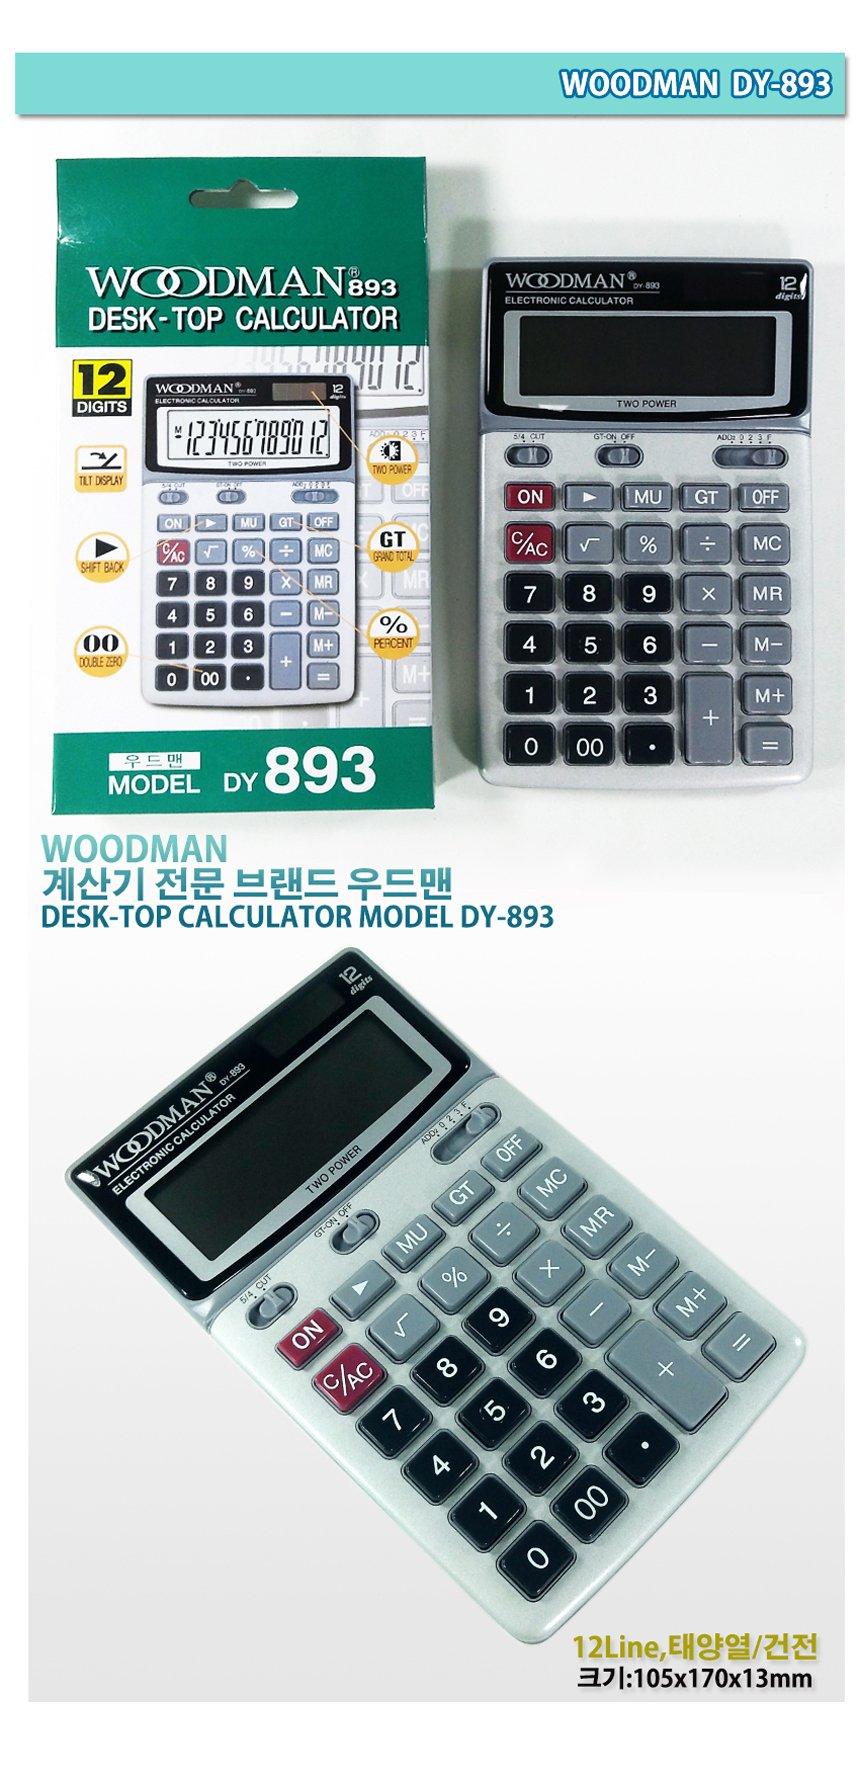 ksf098033271.jpg